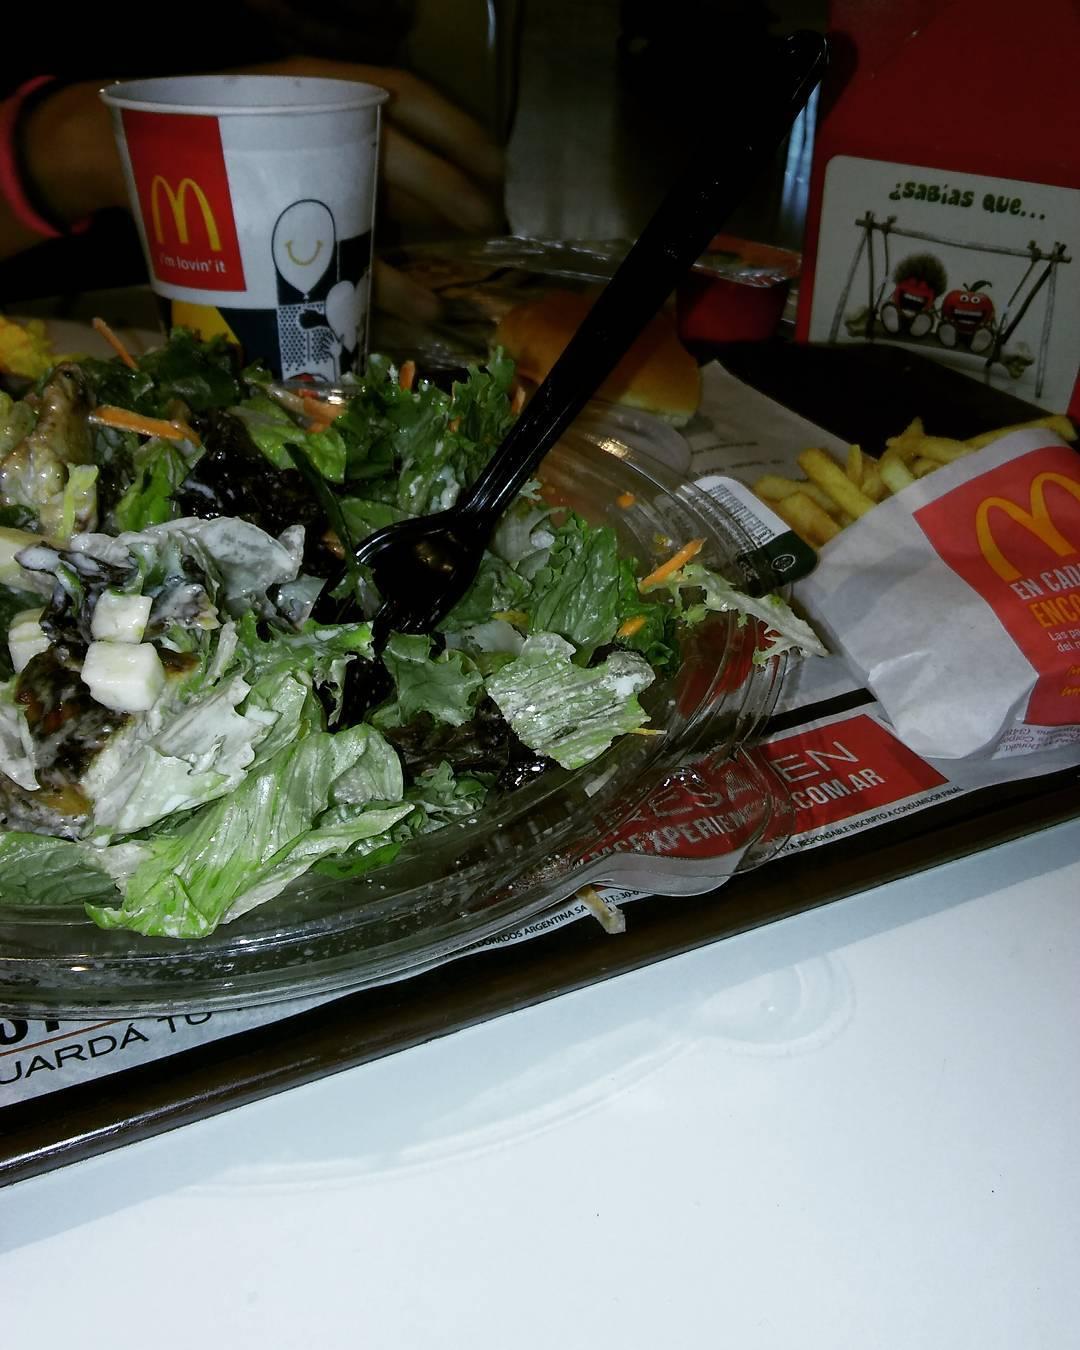 Soy de las que va a #mcdonalds y pide ensalada.